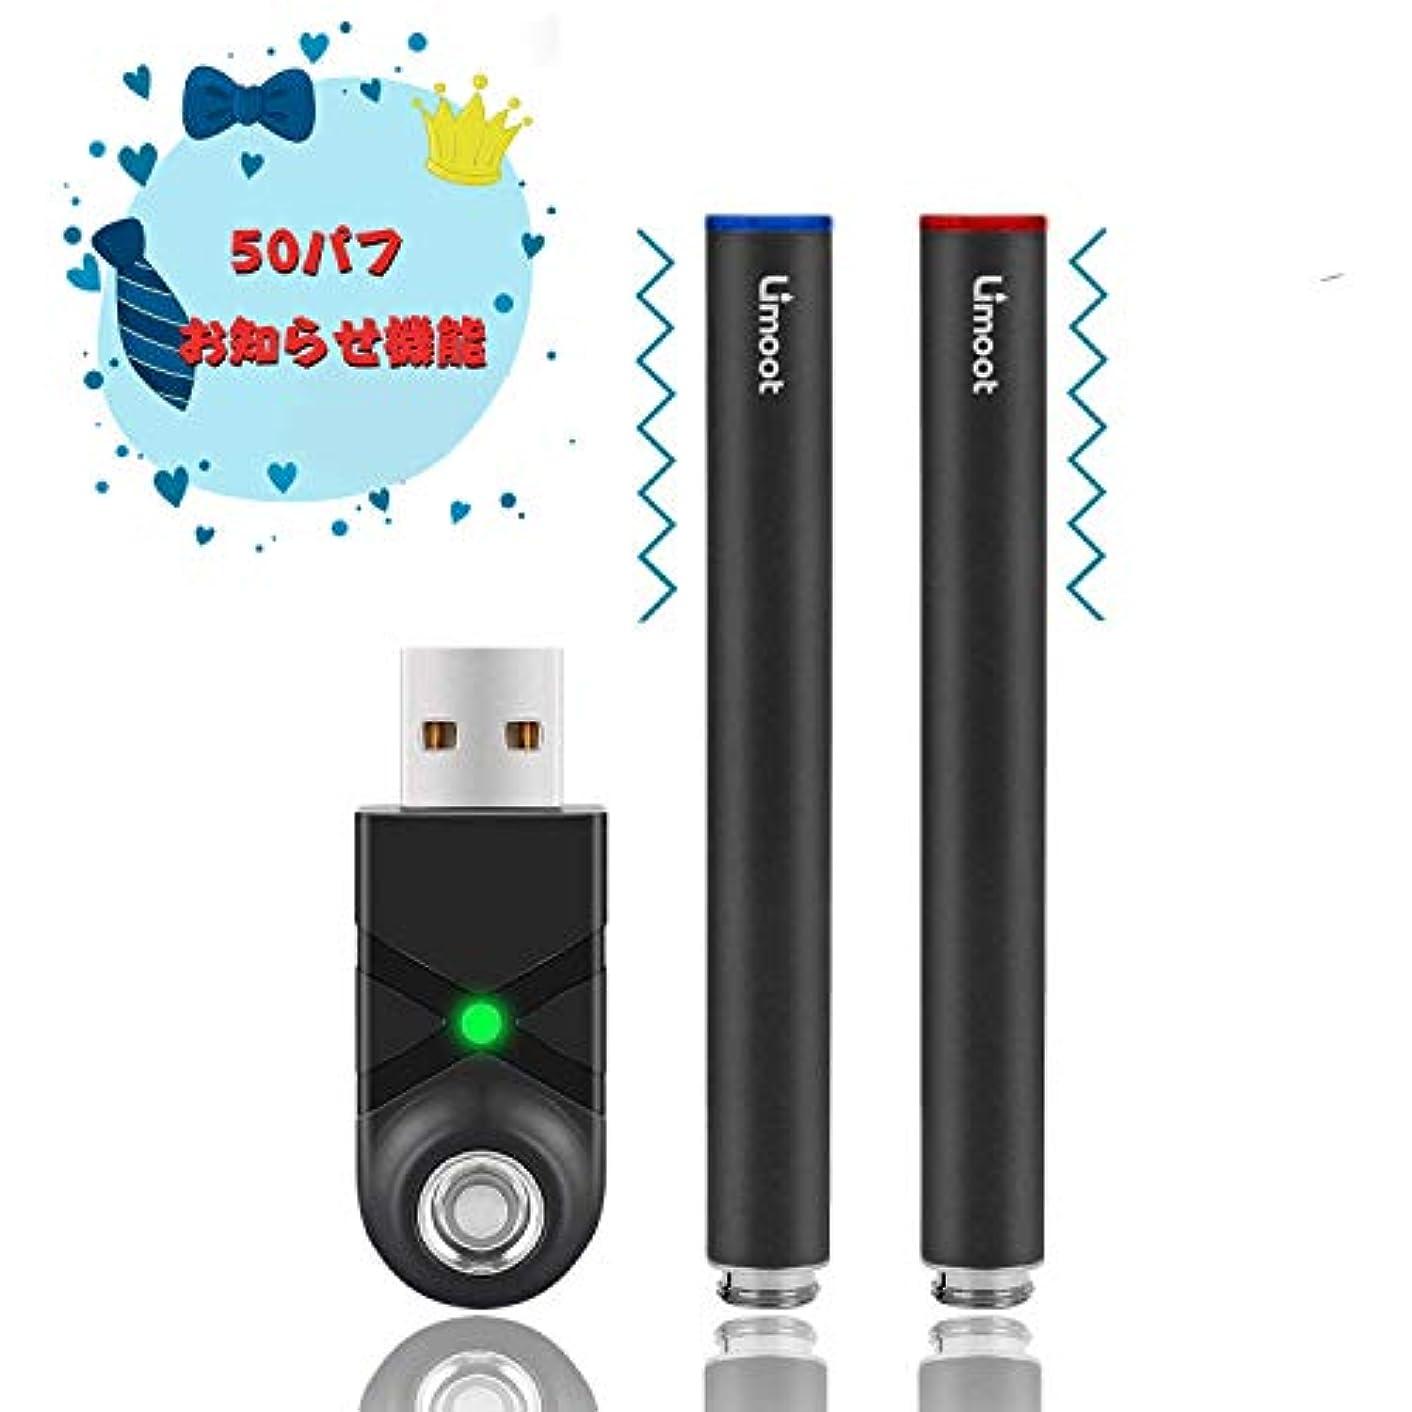 好む宿命もつれプルームテック PloomTech 互換 バッテリー 50パフ バイブ お知らせ機能付き 280mAh大容量 2本セット Umoot